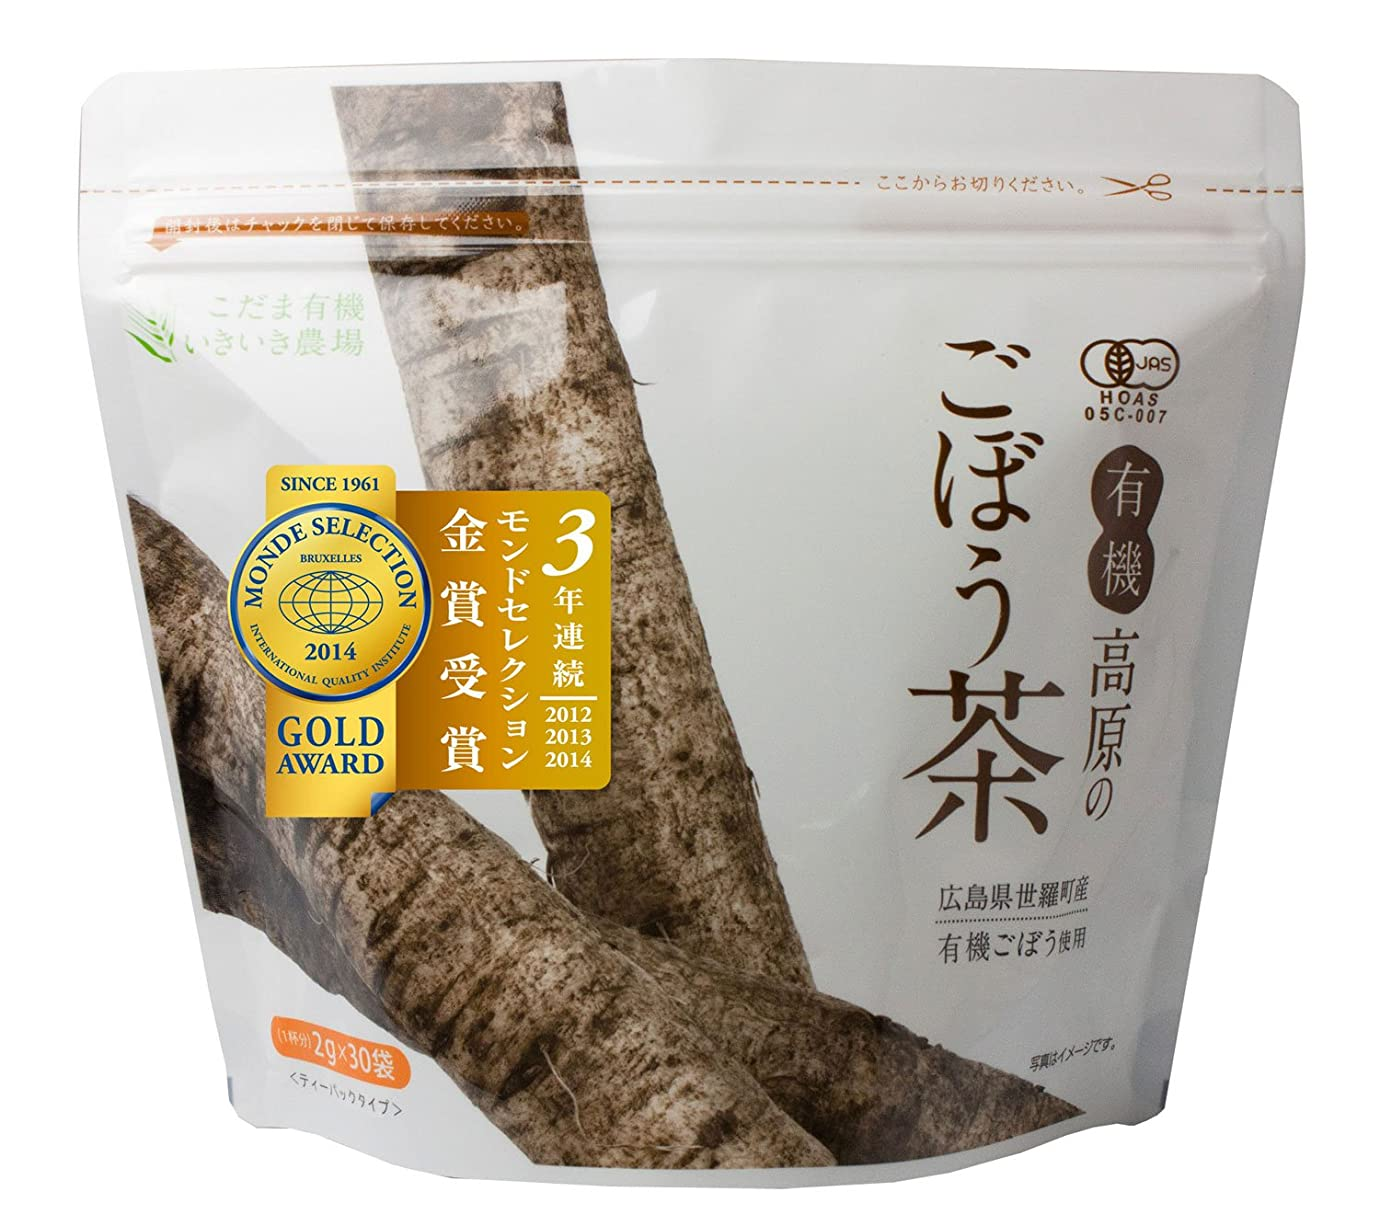 針台風悔い改めるこだま食品 有機高原のごぼう茶 2g×30袋 311037001